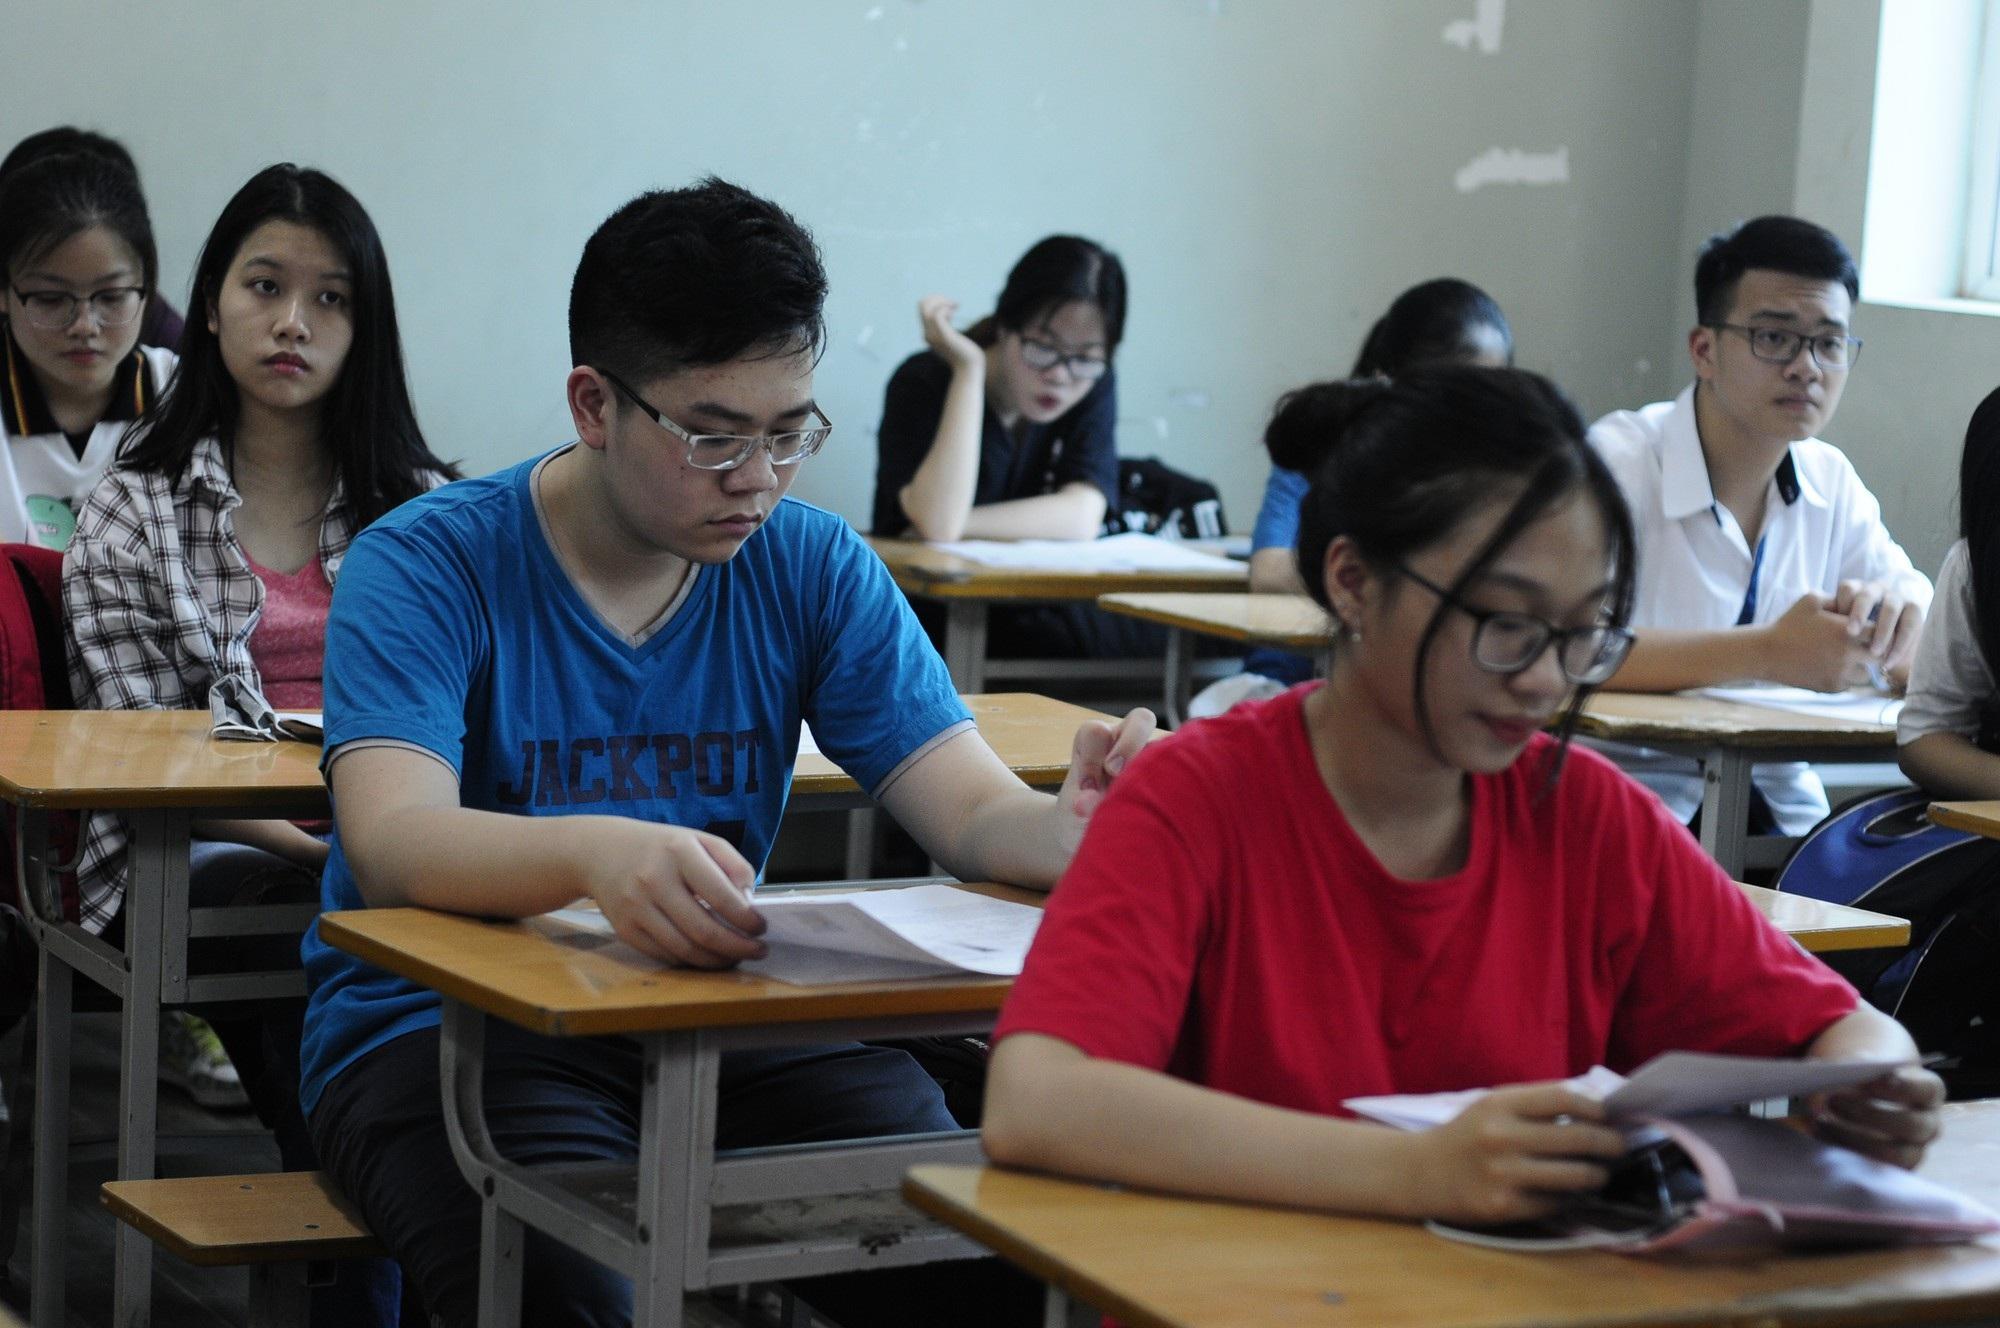 """Giáo viên băn khoăn về phần """"Làm văn"""" trong đề thi THPT quốc gia - Ảnh 2."""